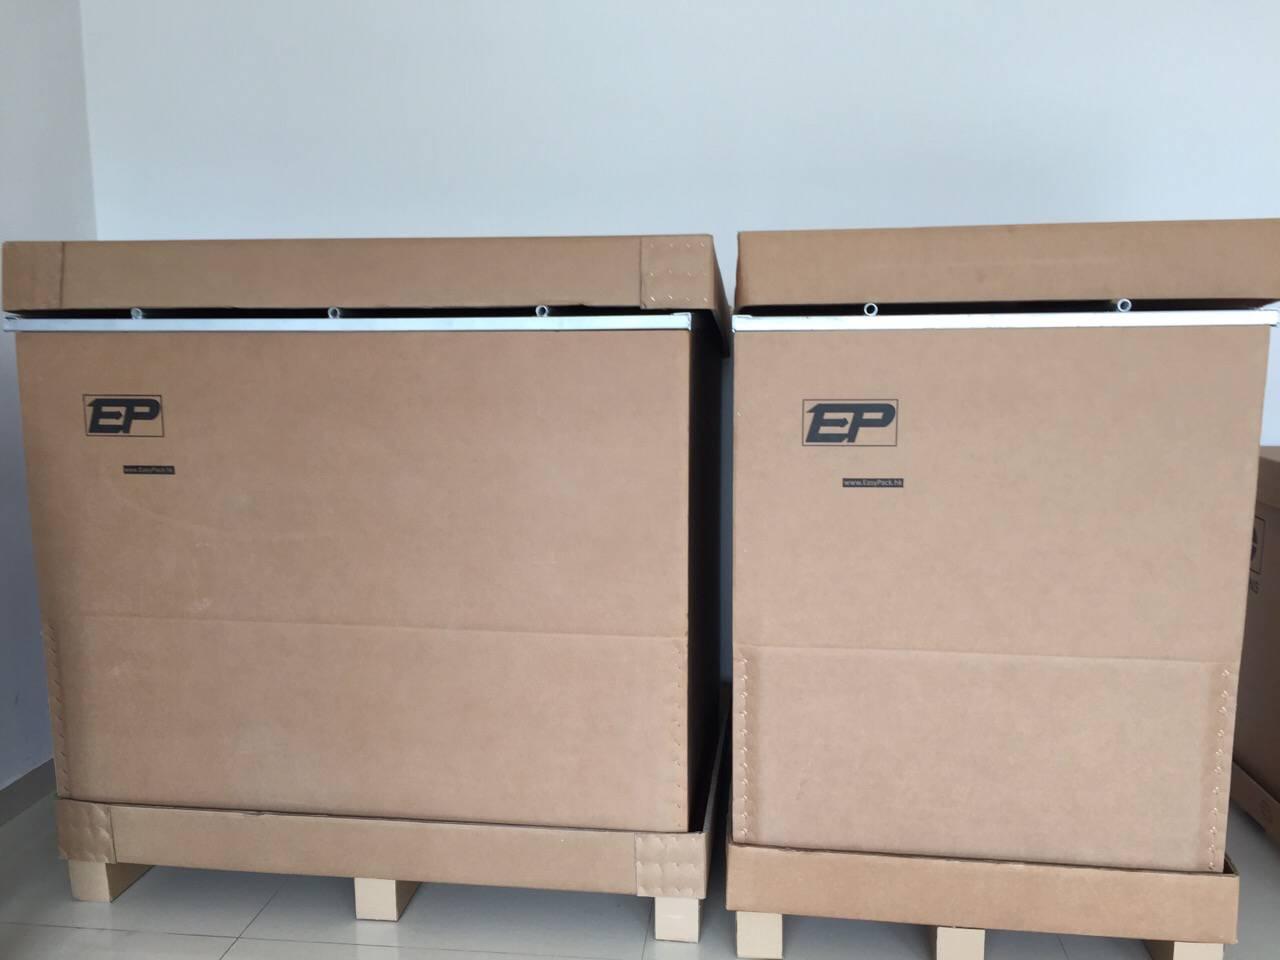 重型纸箱用久了会老化哪些?